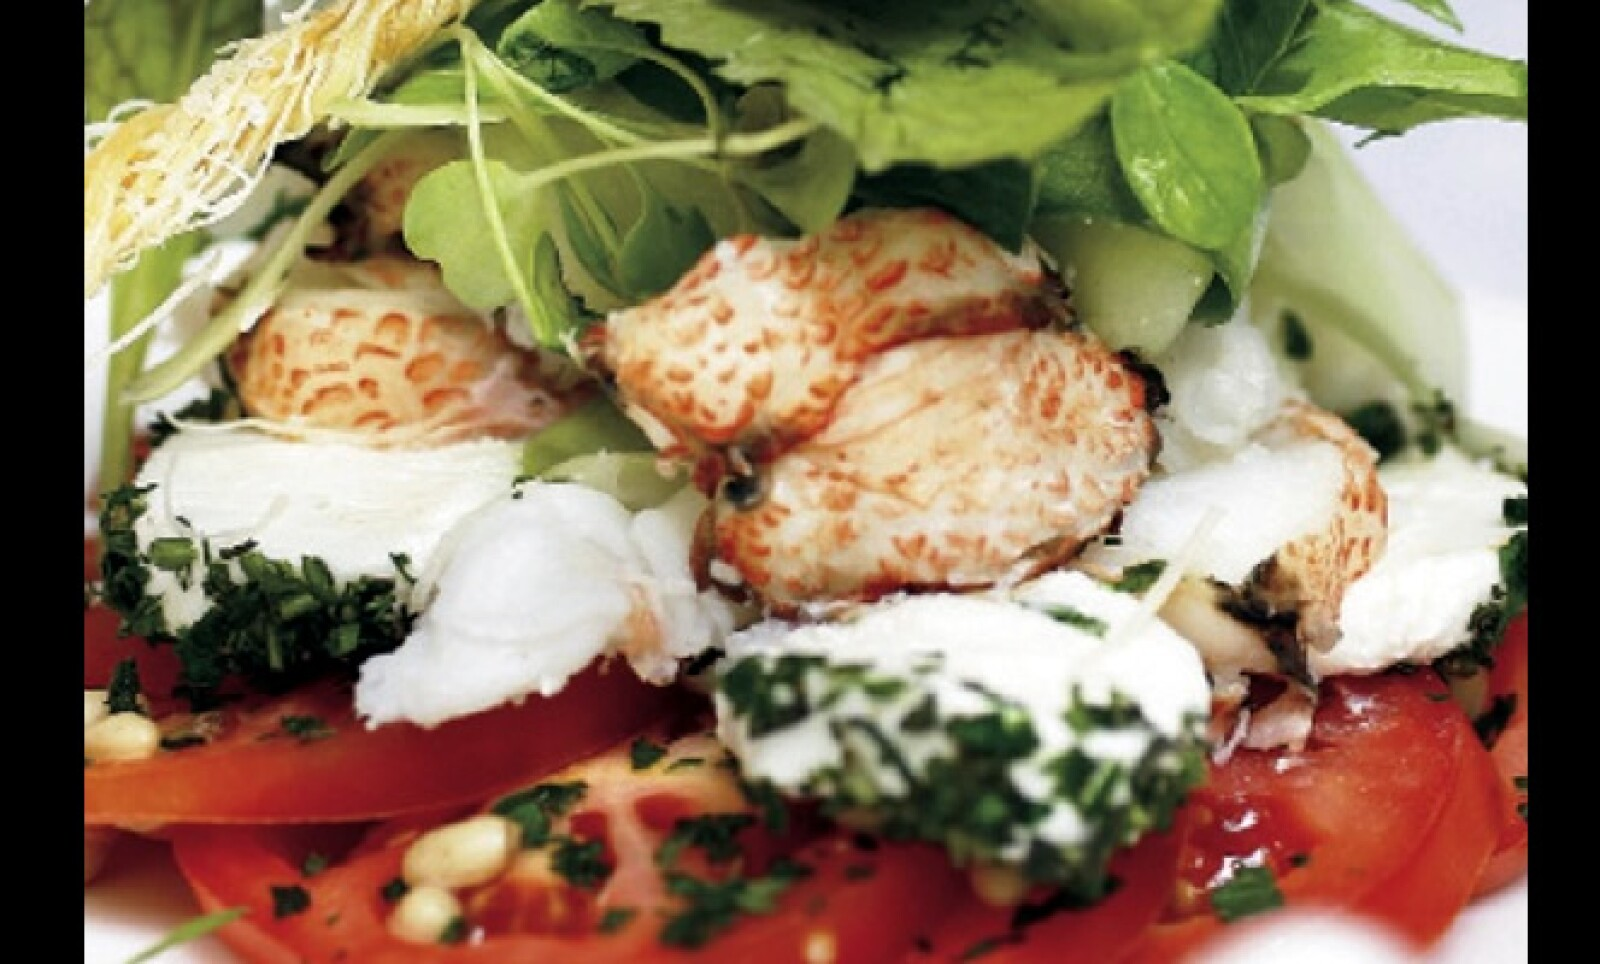 La ensalada de cangrejo es una especialidad en Sudáfrica. En los últimos años las principales ciudades de este país se han llenado de restaurantes vanguardistas.